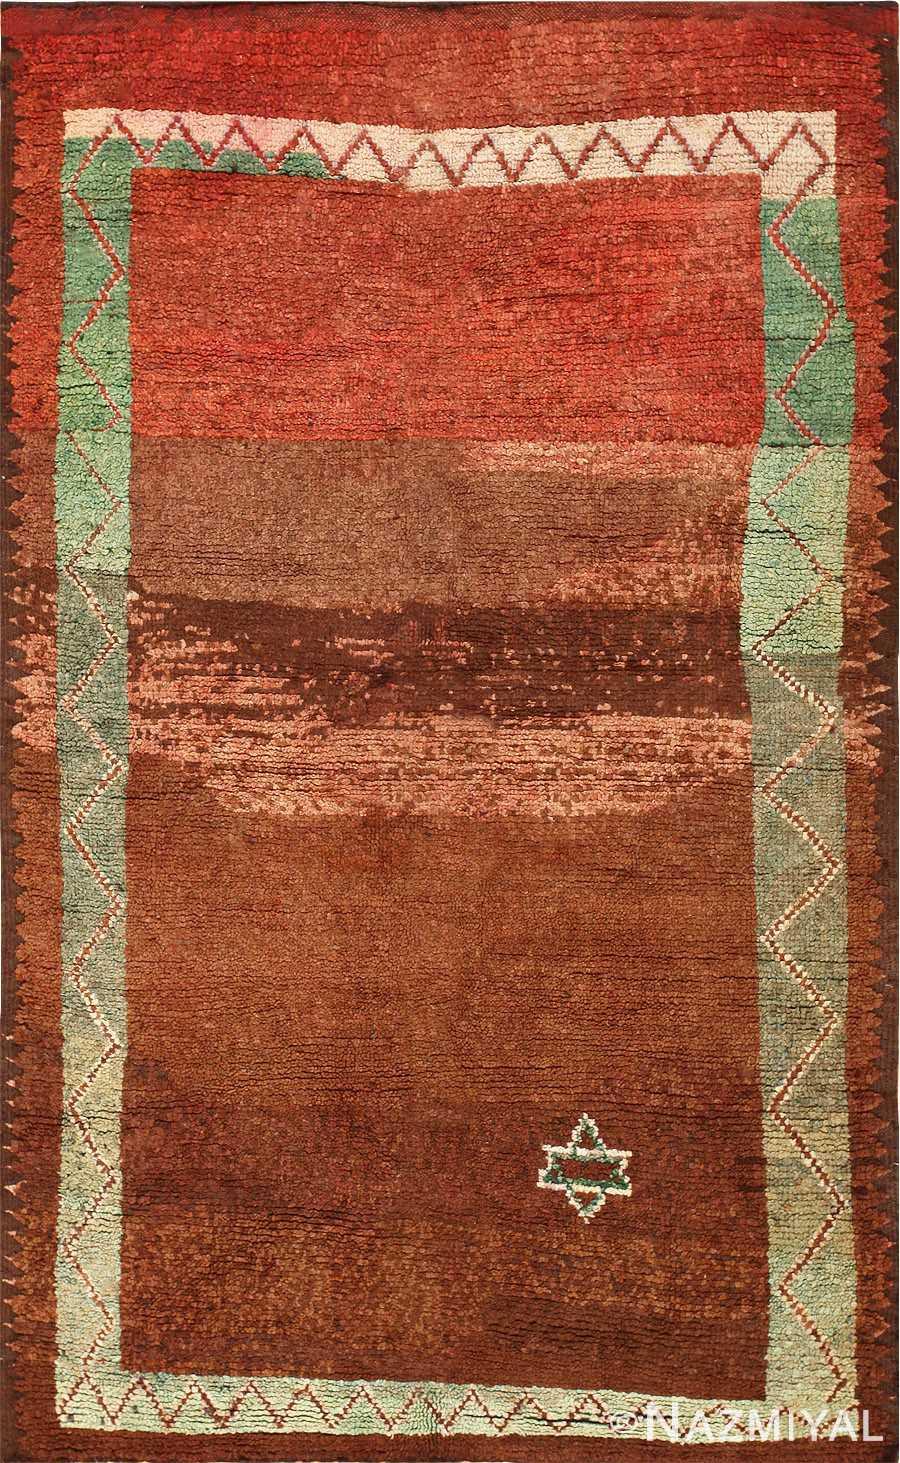 Vintage Judaica Moroccan Rug 47913 Detail/Large View